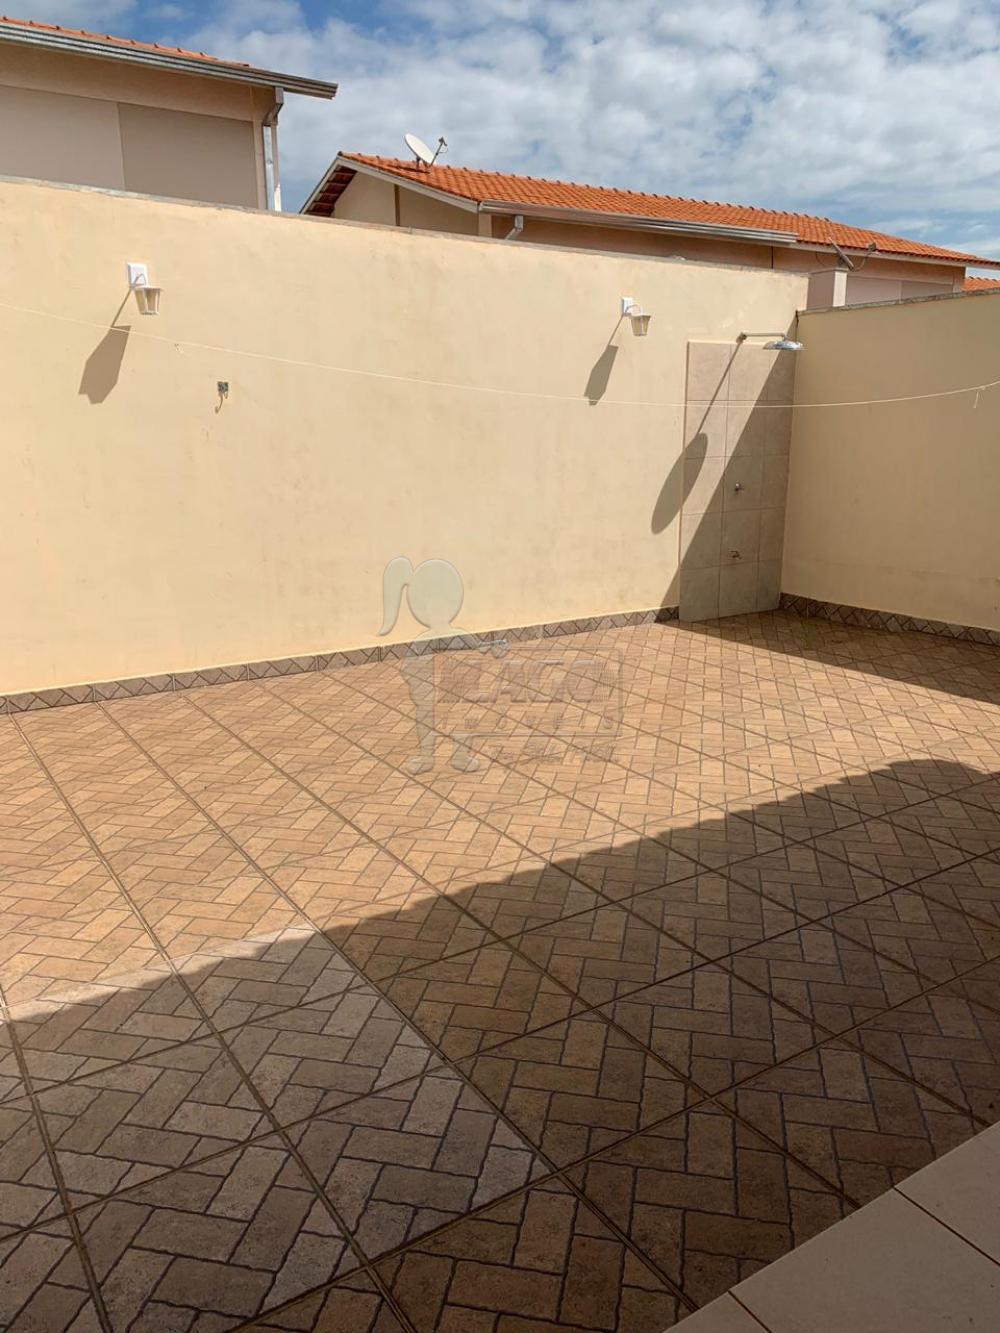 Comprar Casas / Condomínio em Ribeirão Preto apenas R$ 460.000,00 - Foto 20